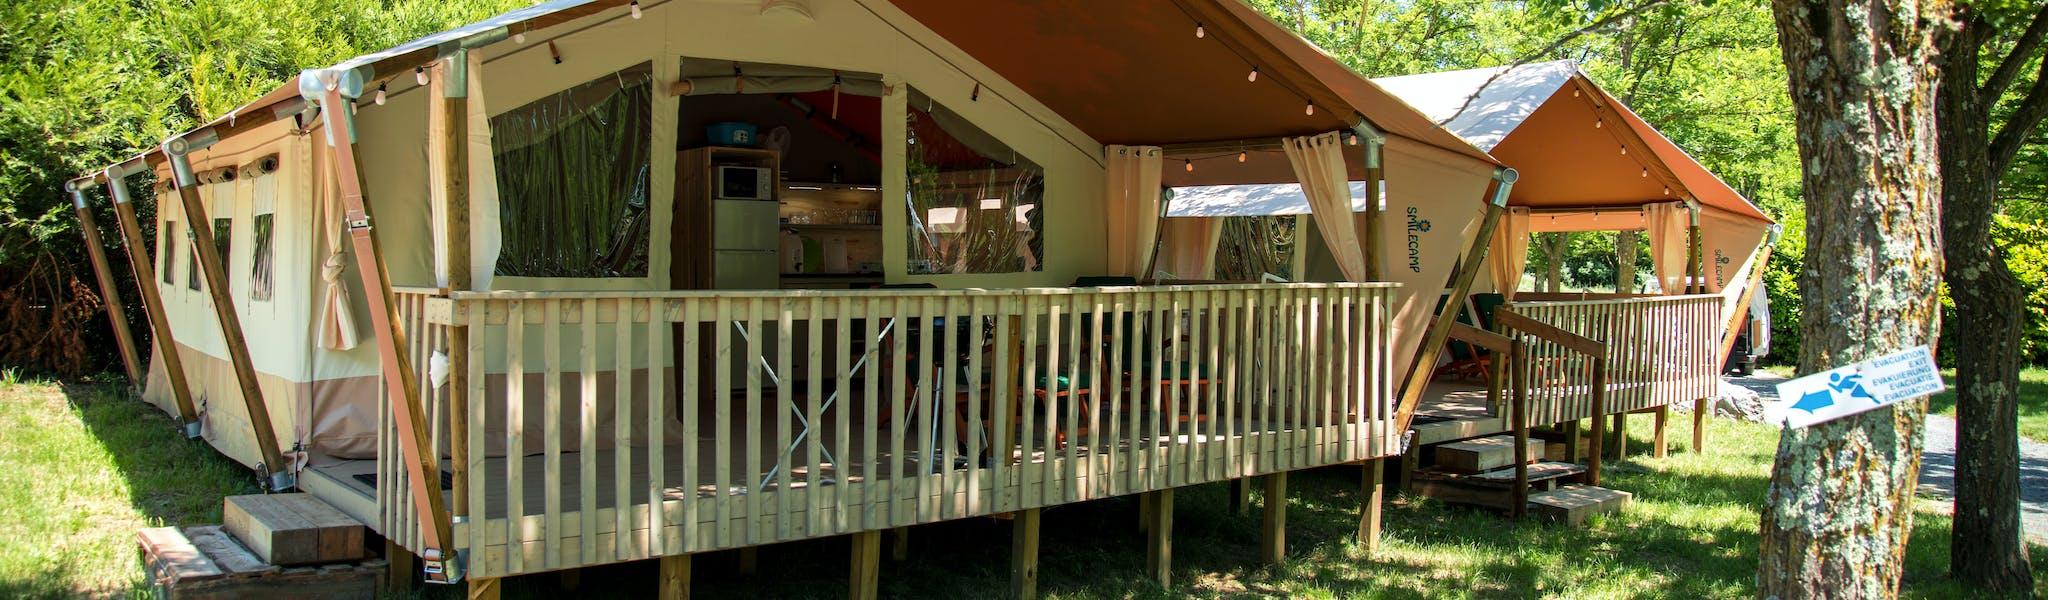 Safaritent le Medieval Rent-a-Tent